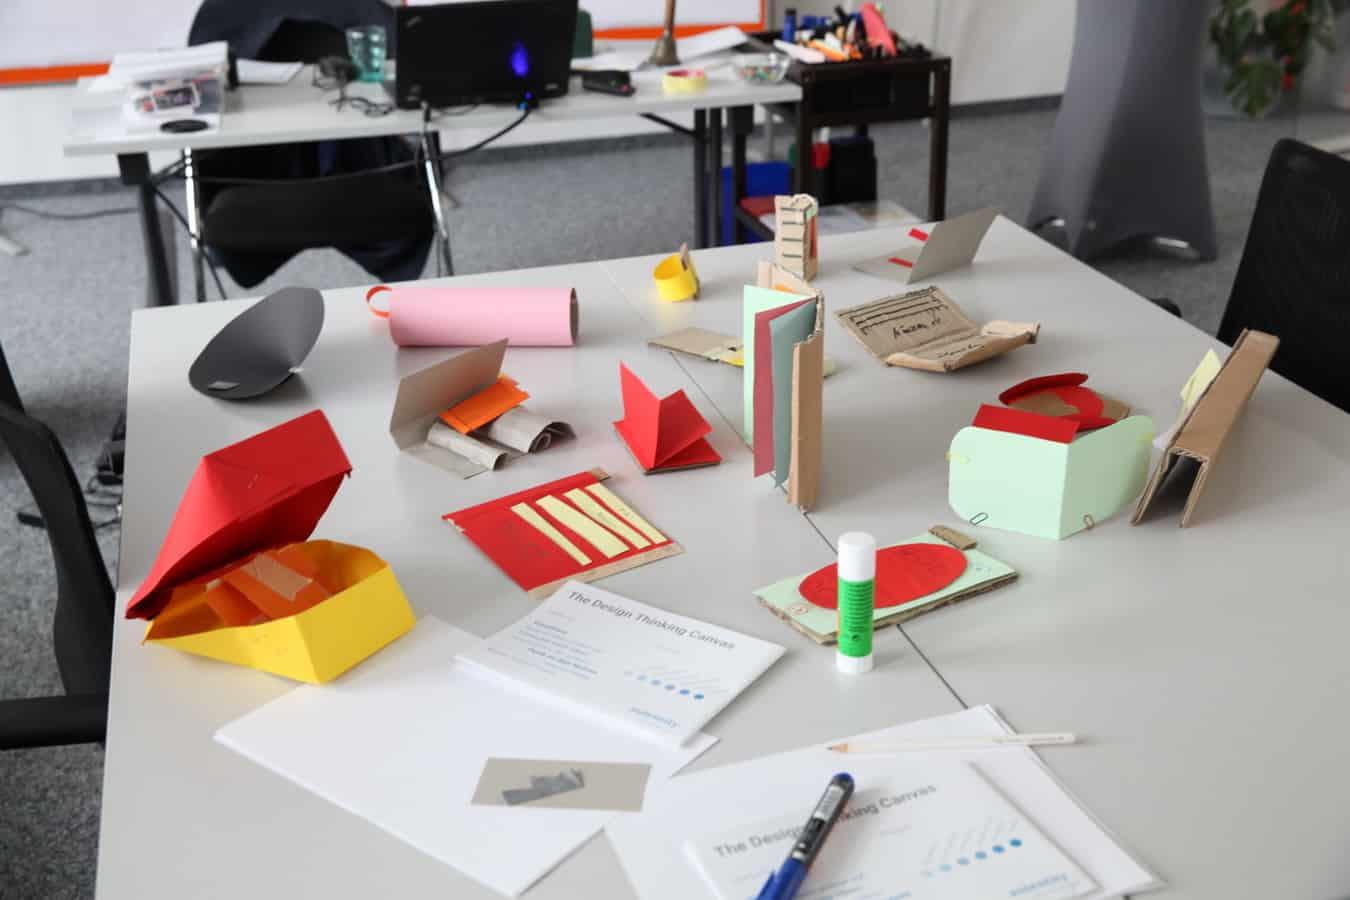 Workshop Atmosphäre bei Design Thinking